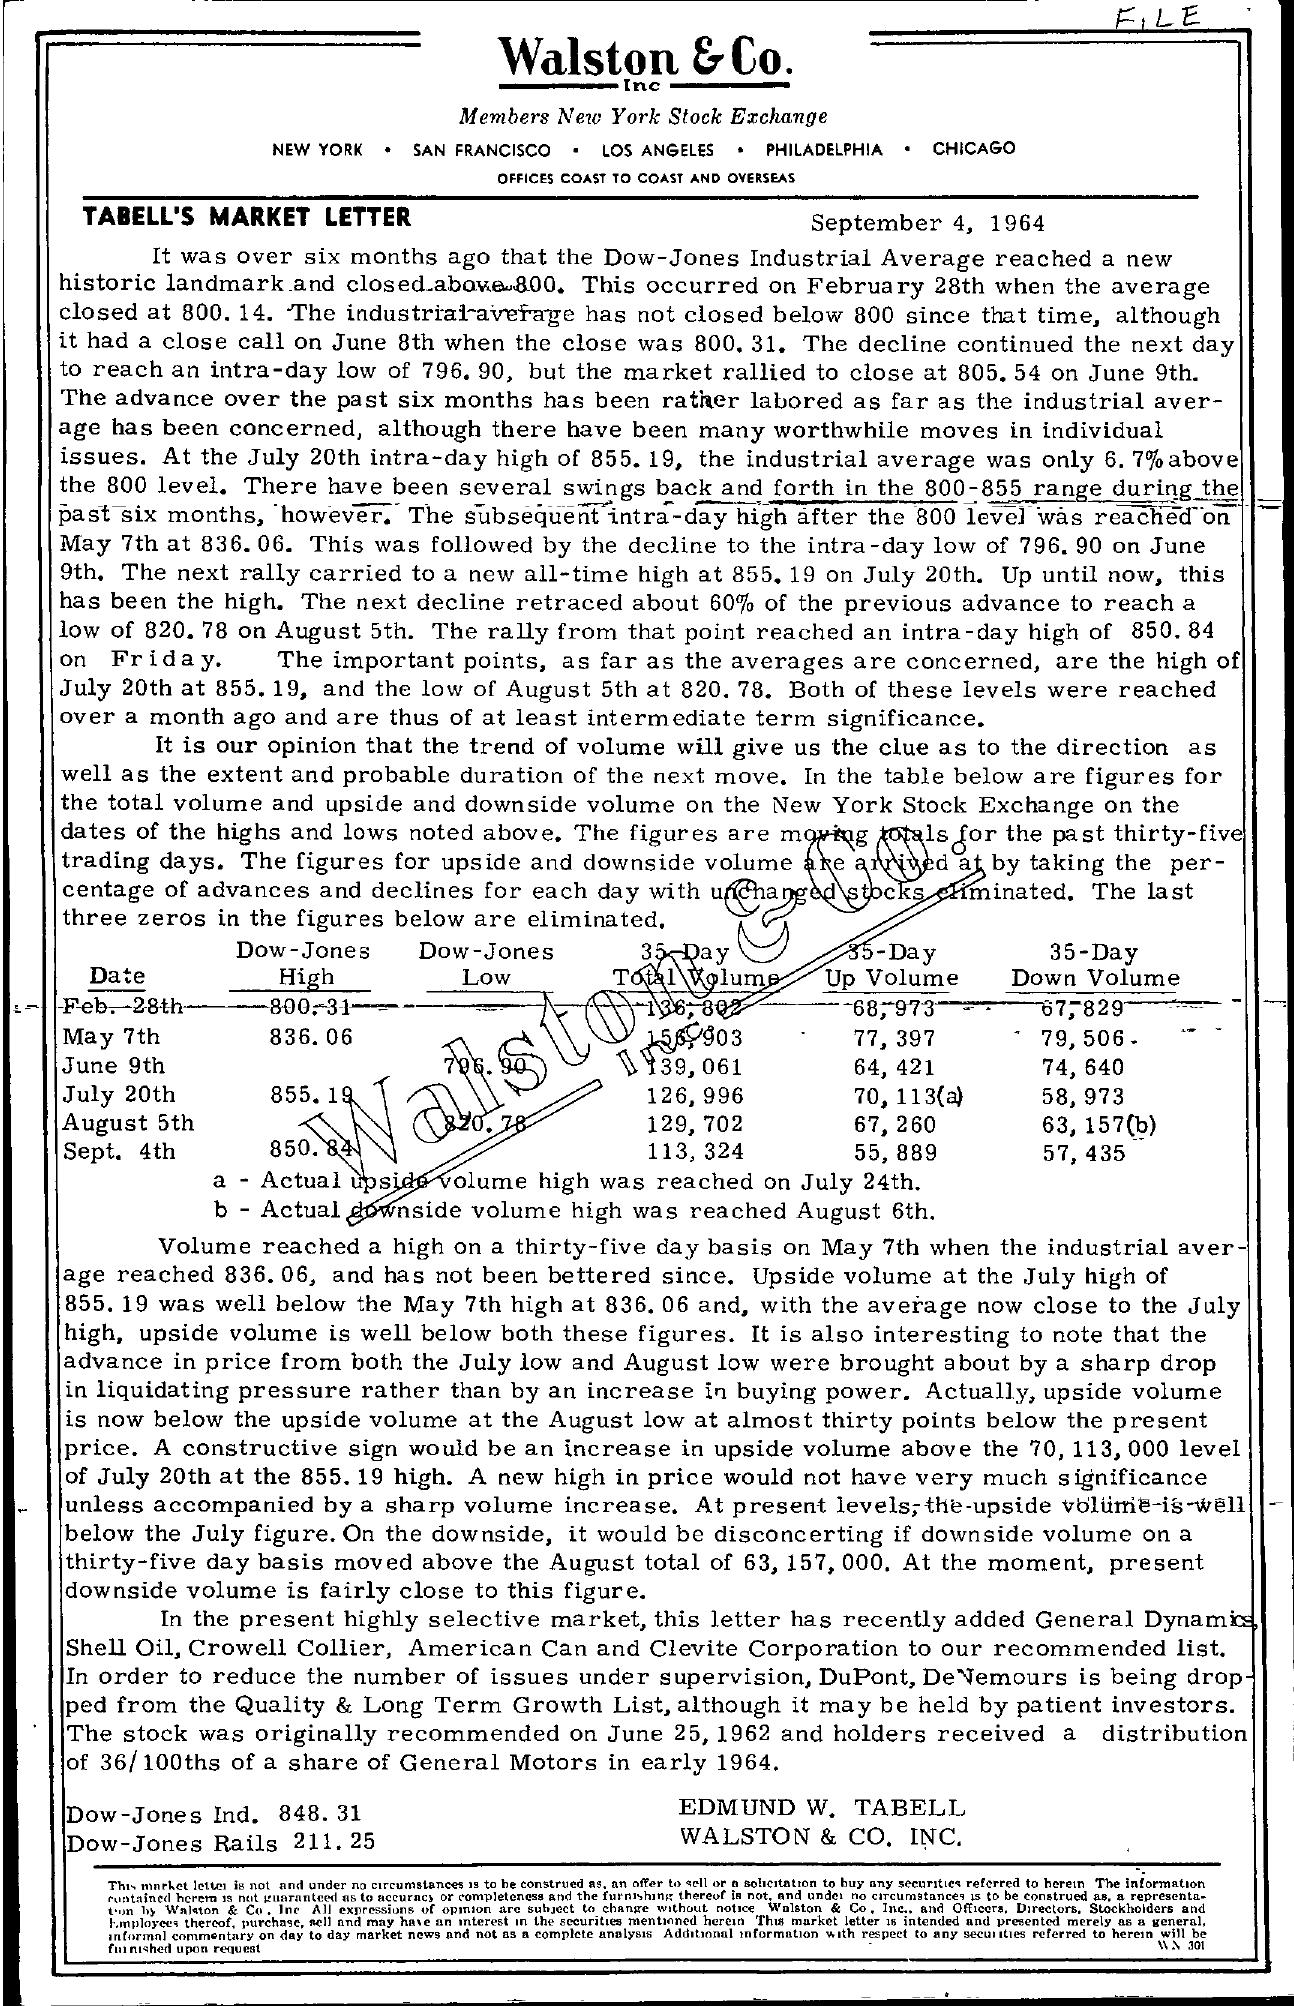 Tabell's Market Letter - September 04, 1964